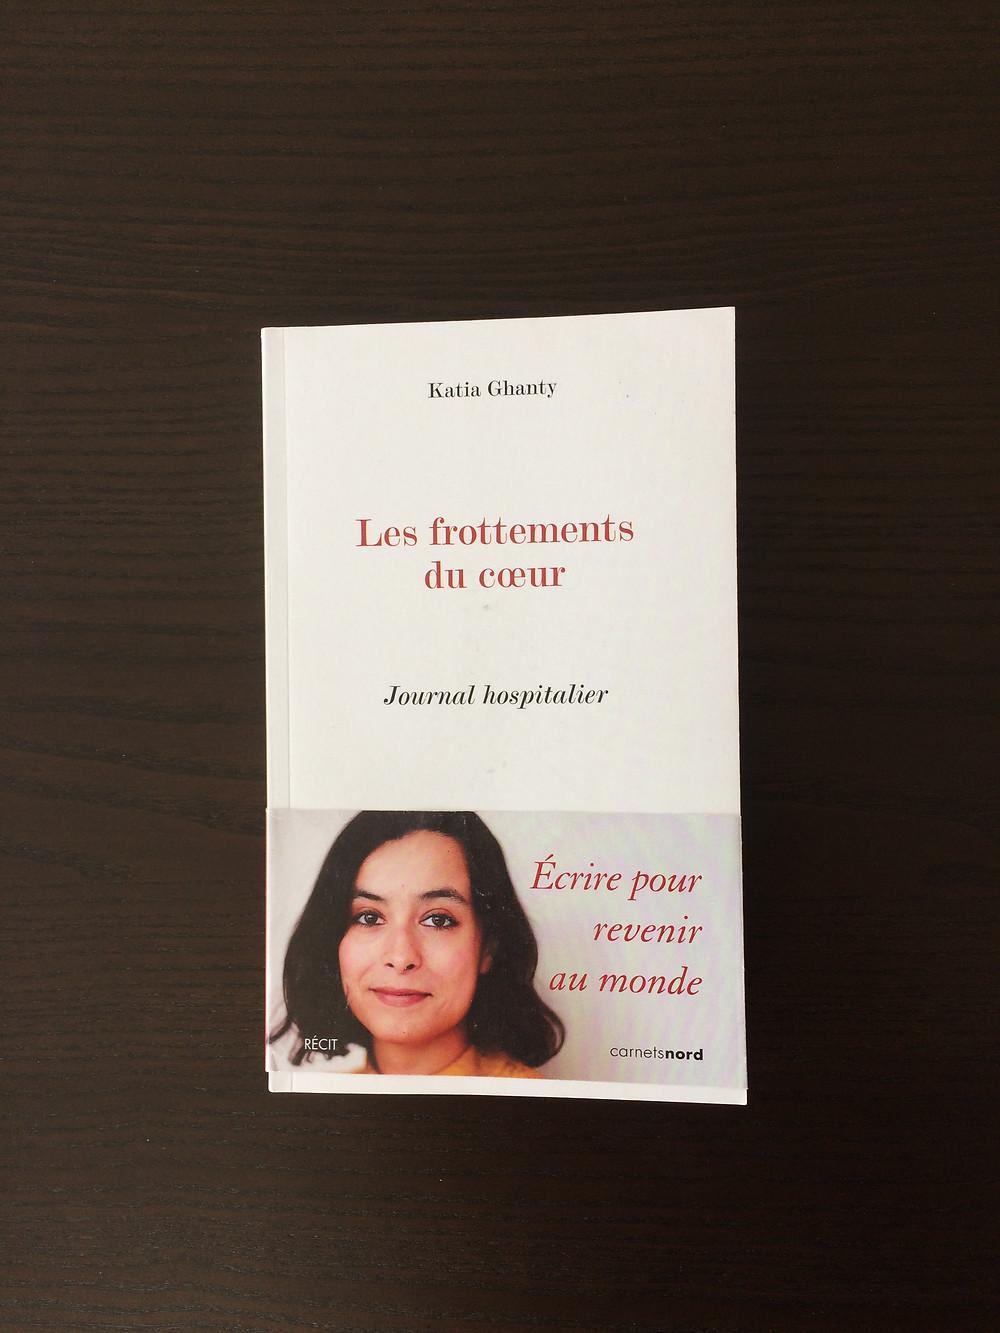 """Photo du livre """"Les frottements du coeur"""" de Katia Ghanty (1)"""